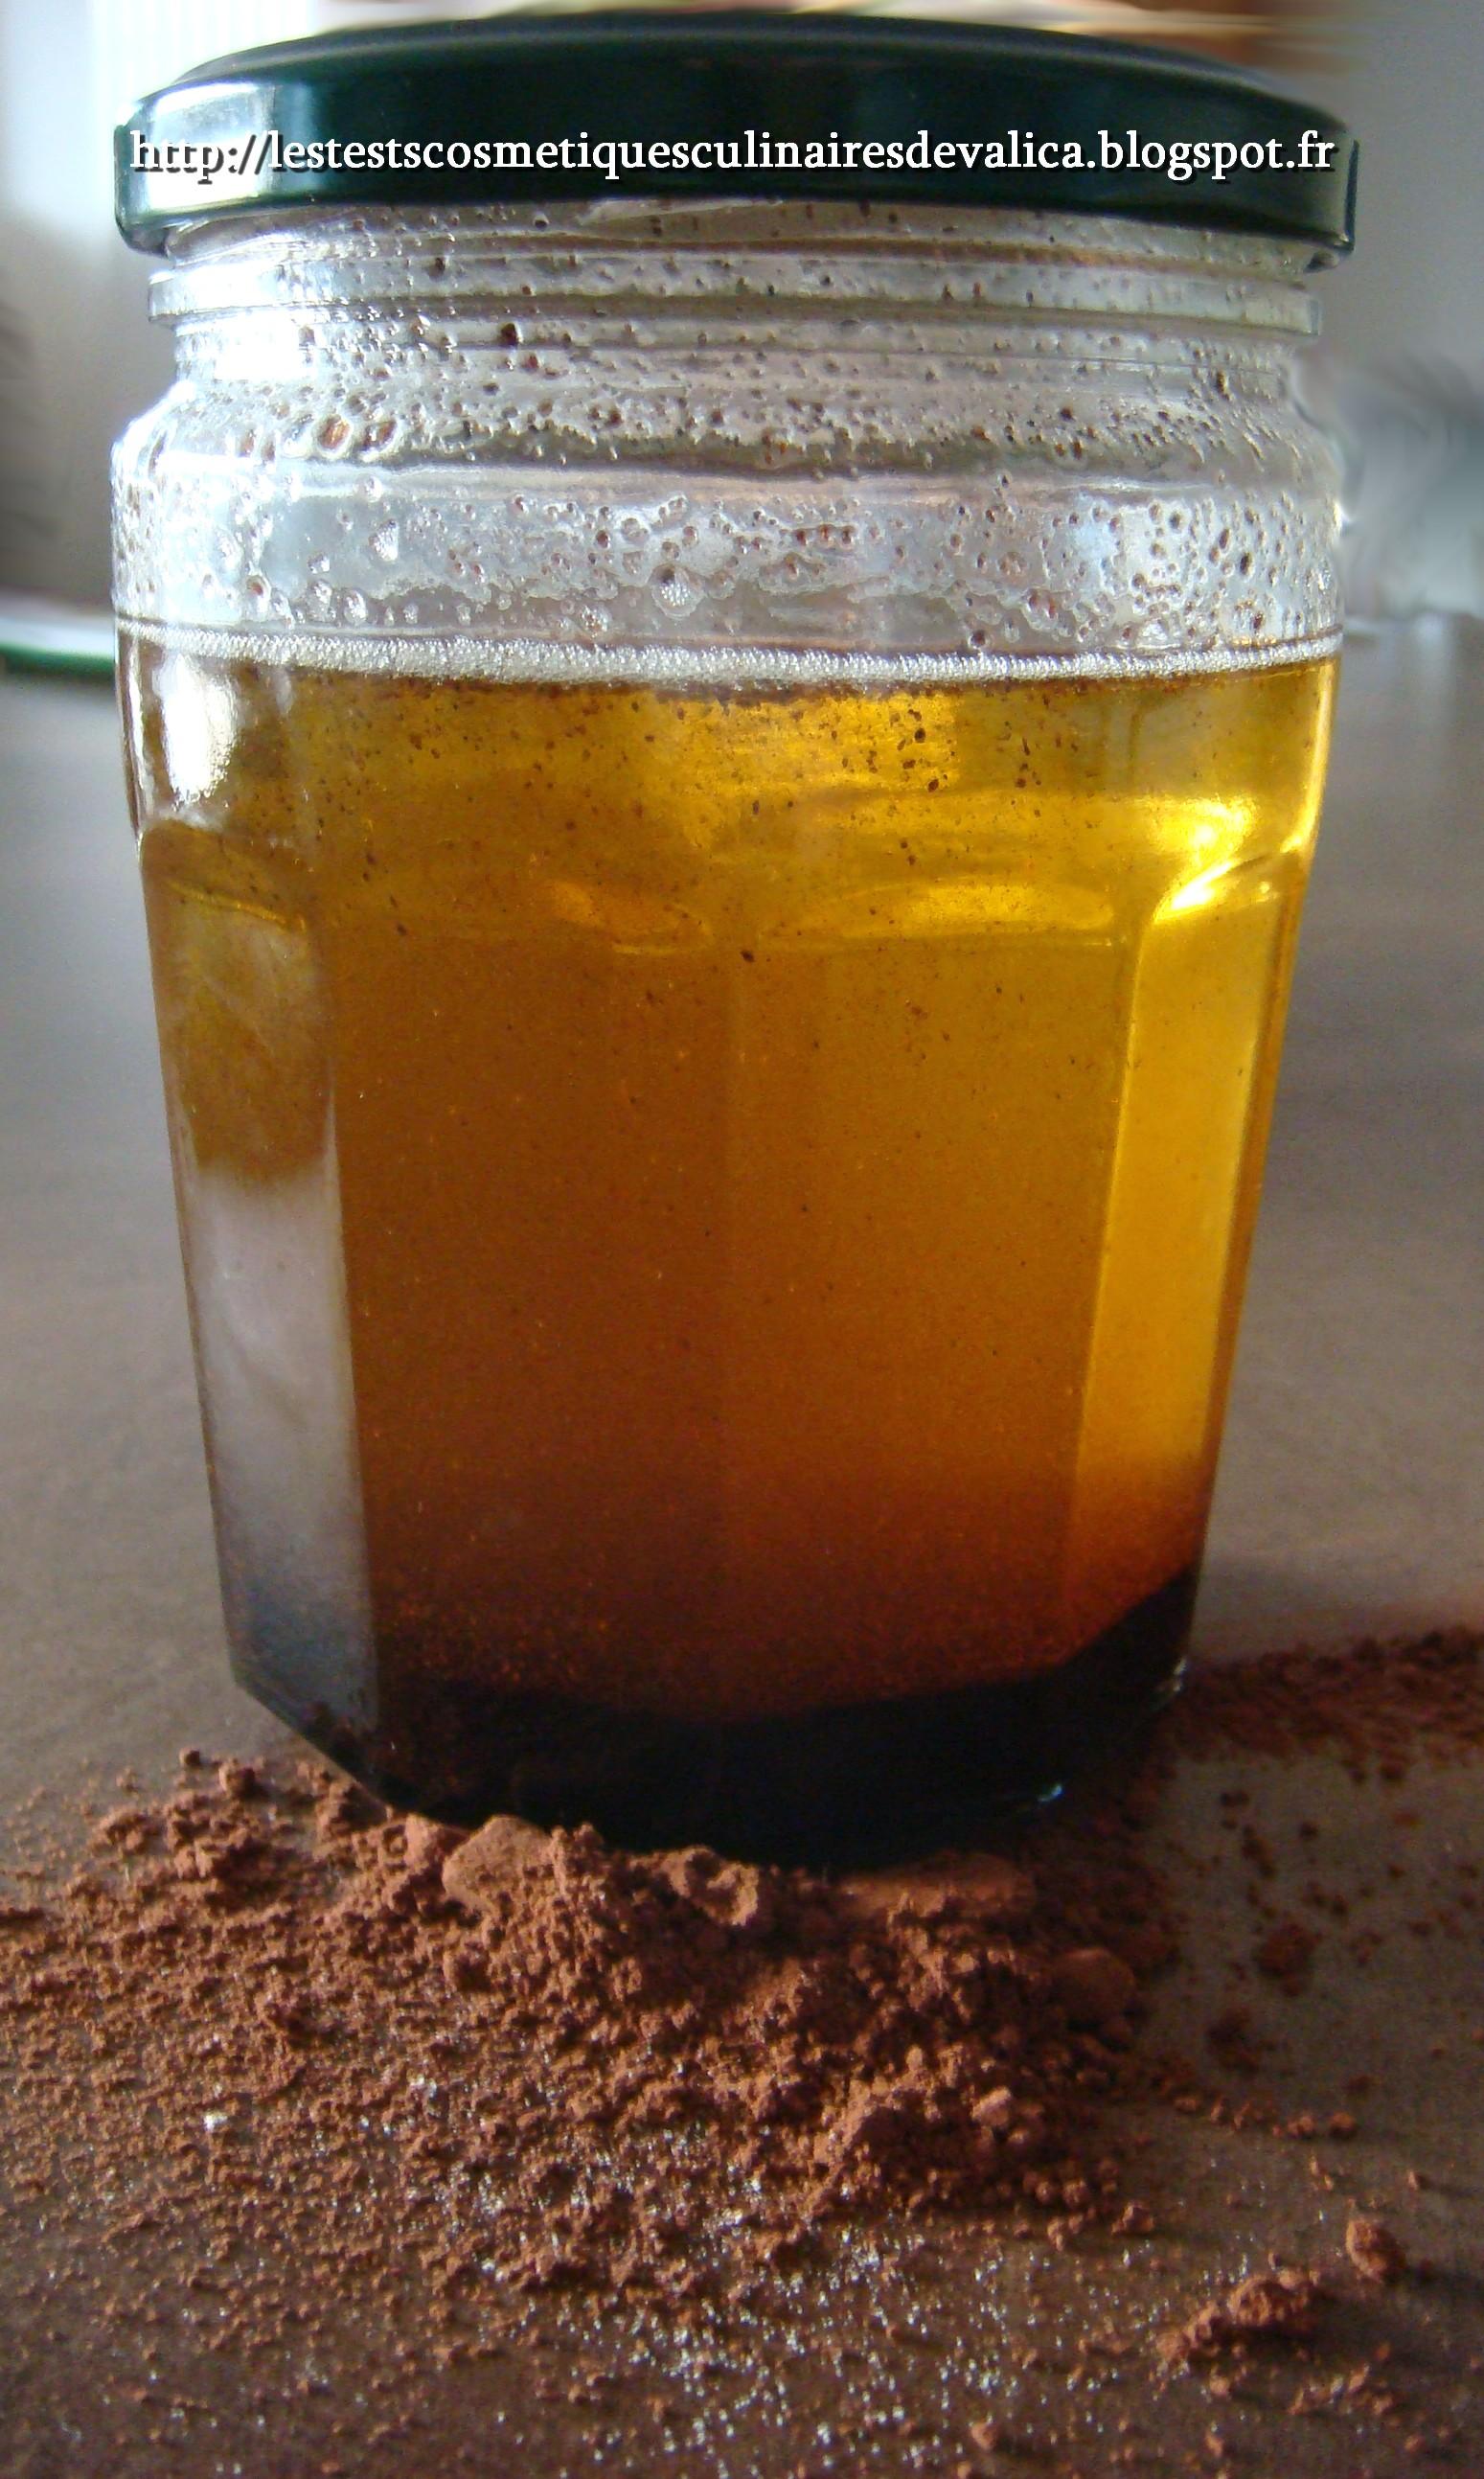 les tests cosm tiques et culinaires de valica mac r t huileux de vanille dans l 39 huile de macadamia. Black Bedroom Furniture Sets. Home Design Ideas